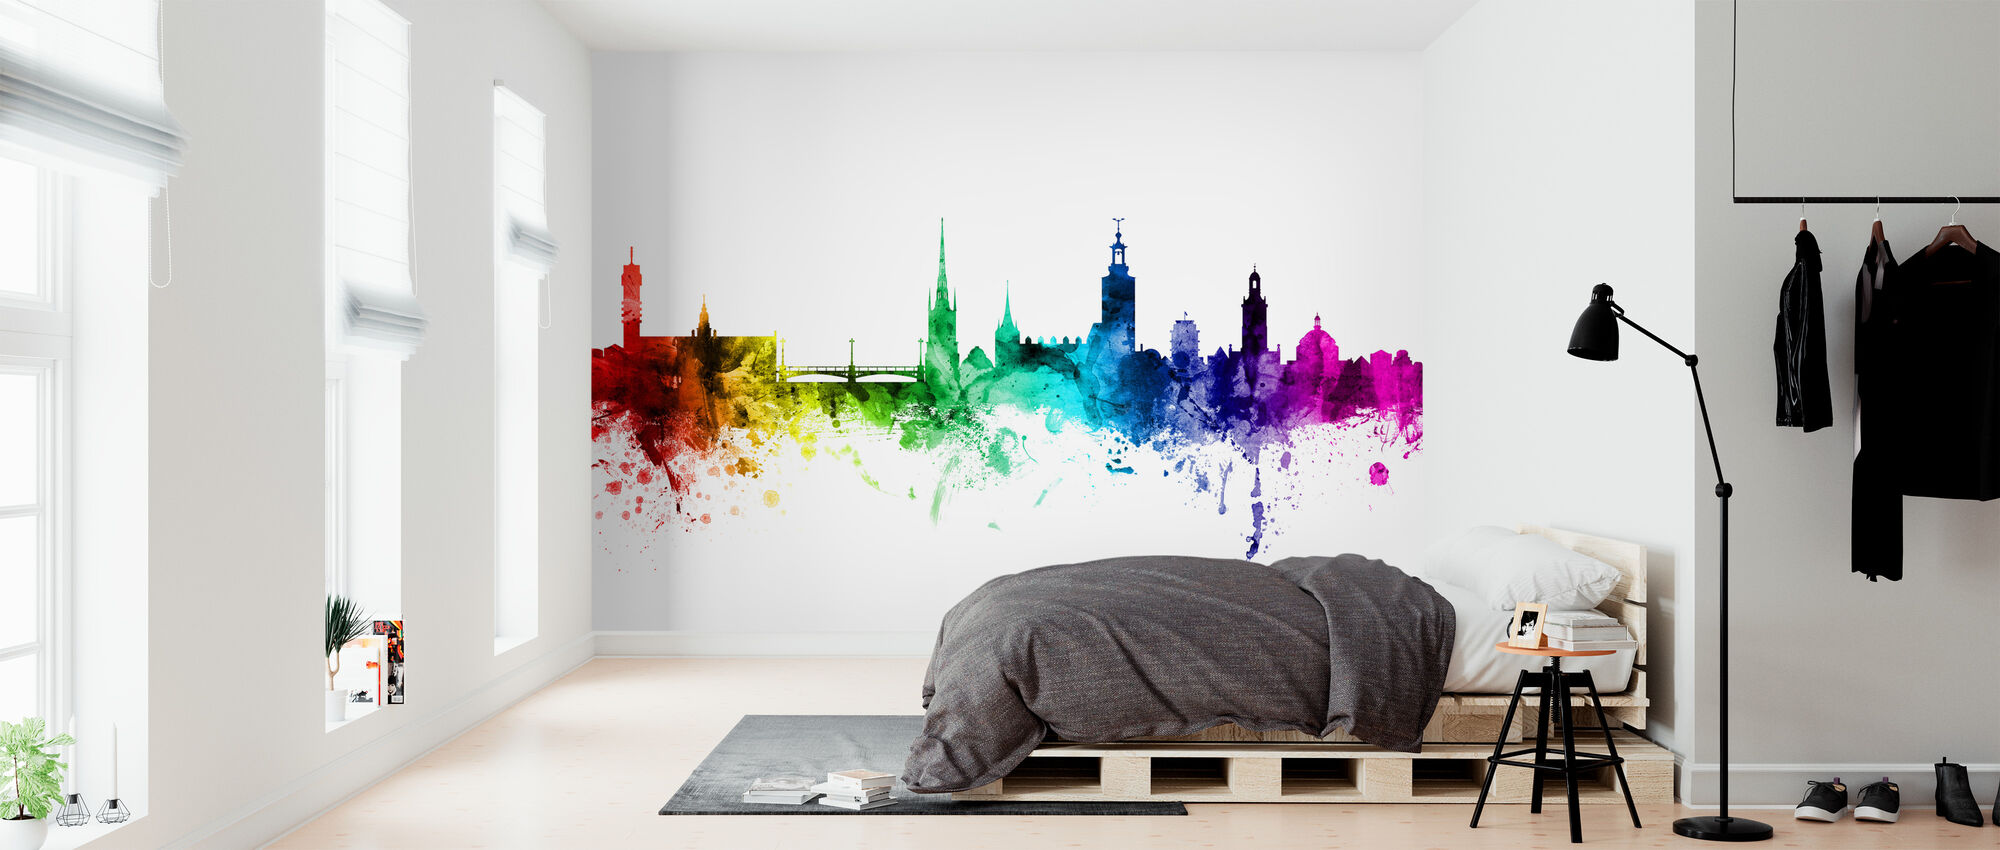 Estocolmo Skyline Rainbow - Papel pintado - Dormitorio